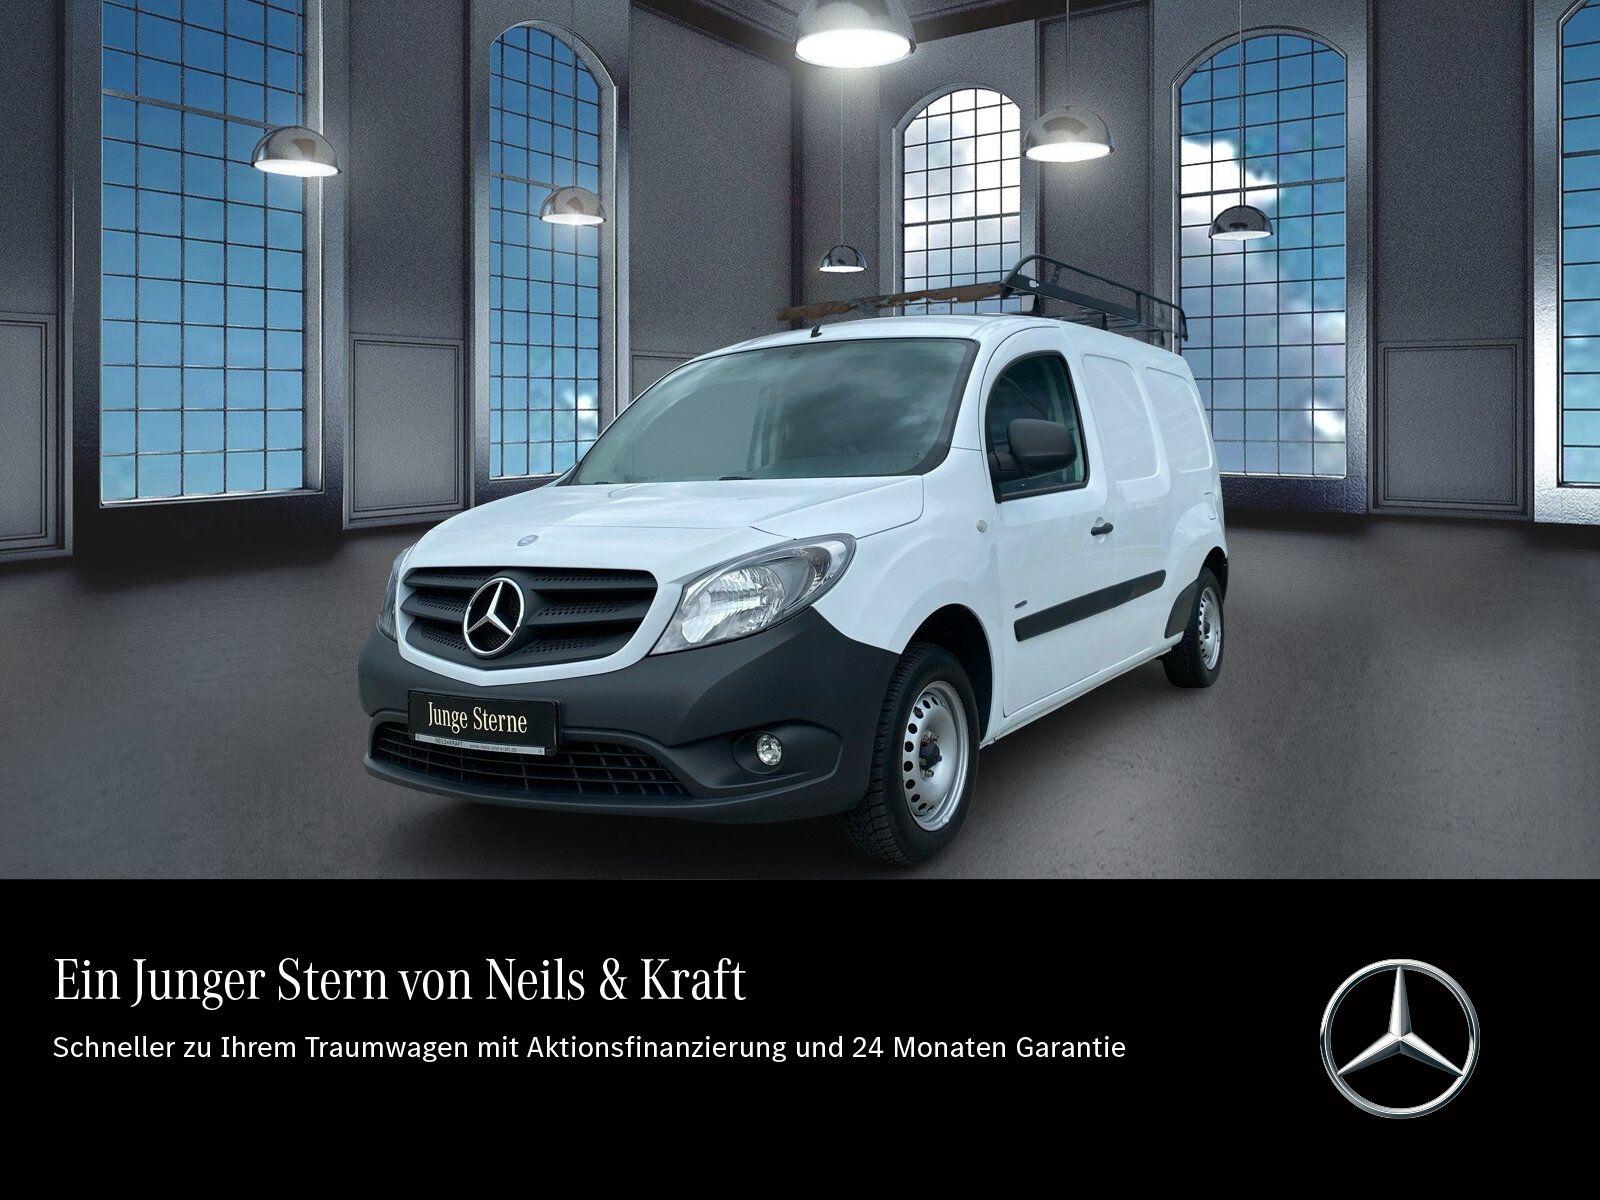 Mercedes-Benz Citan 111 CDI Kasten Extralang +RADIO+KLIMA+PDC+, Jahr 2016, Diesel